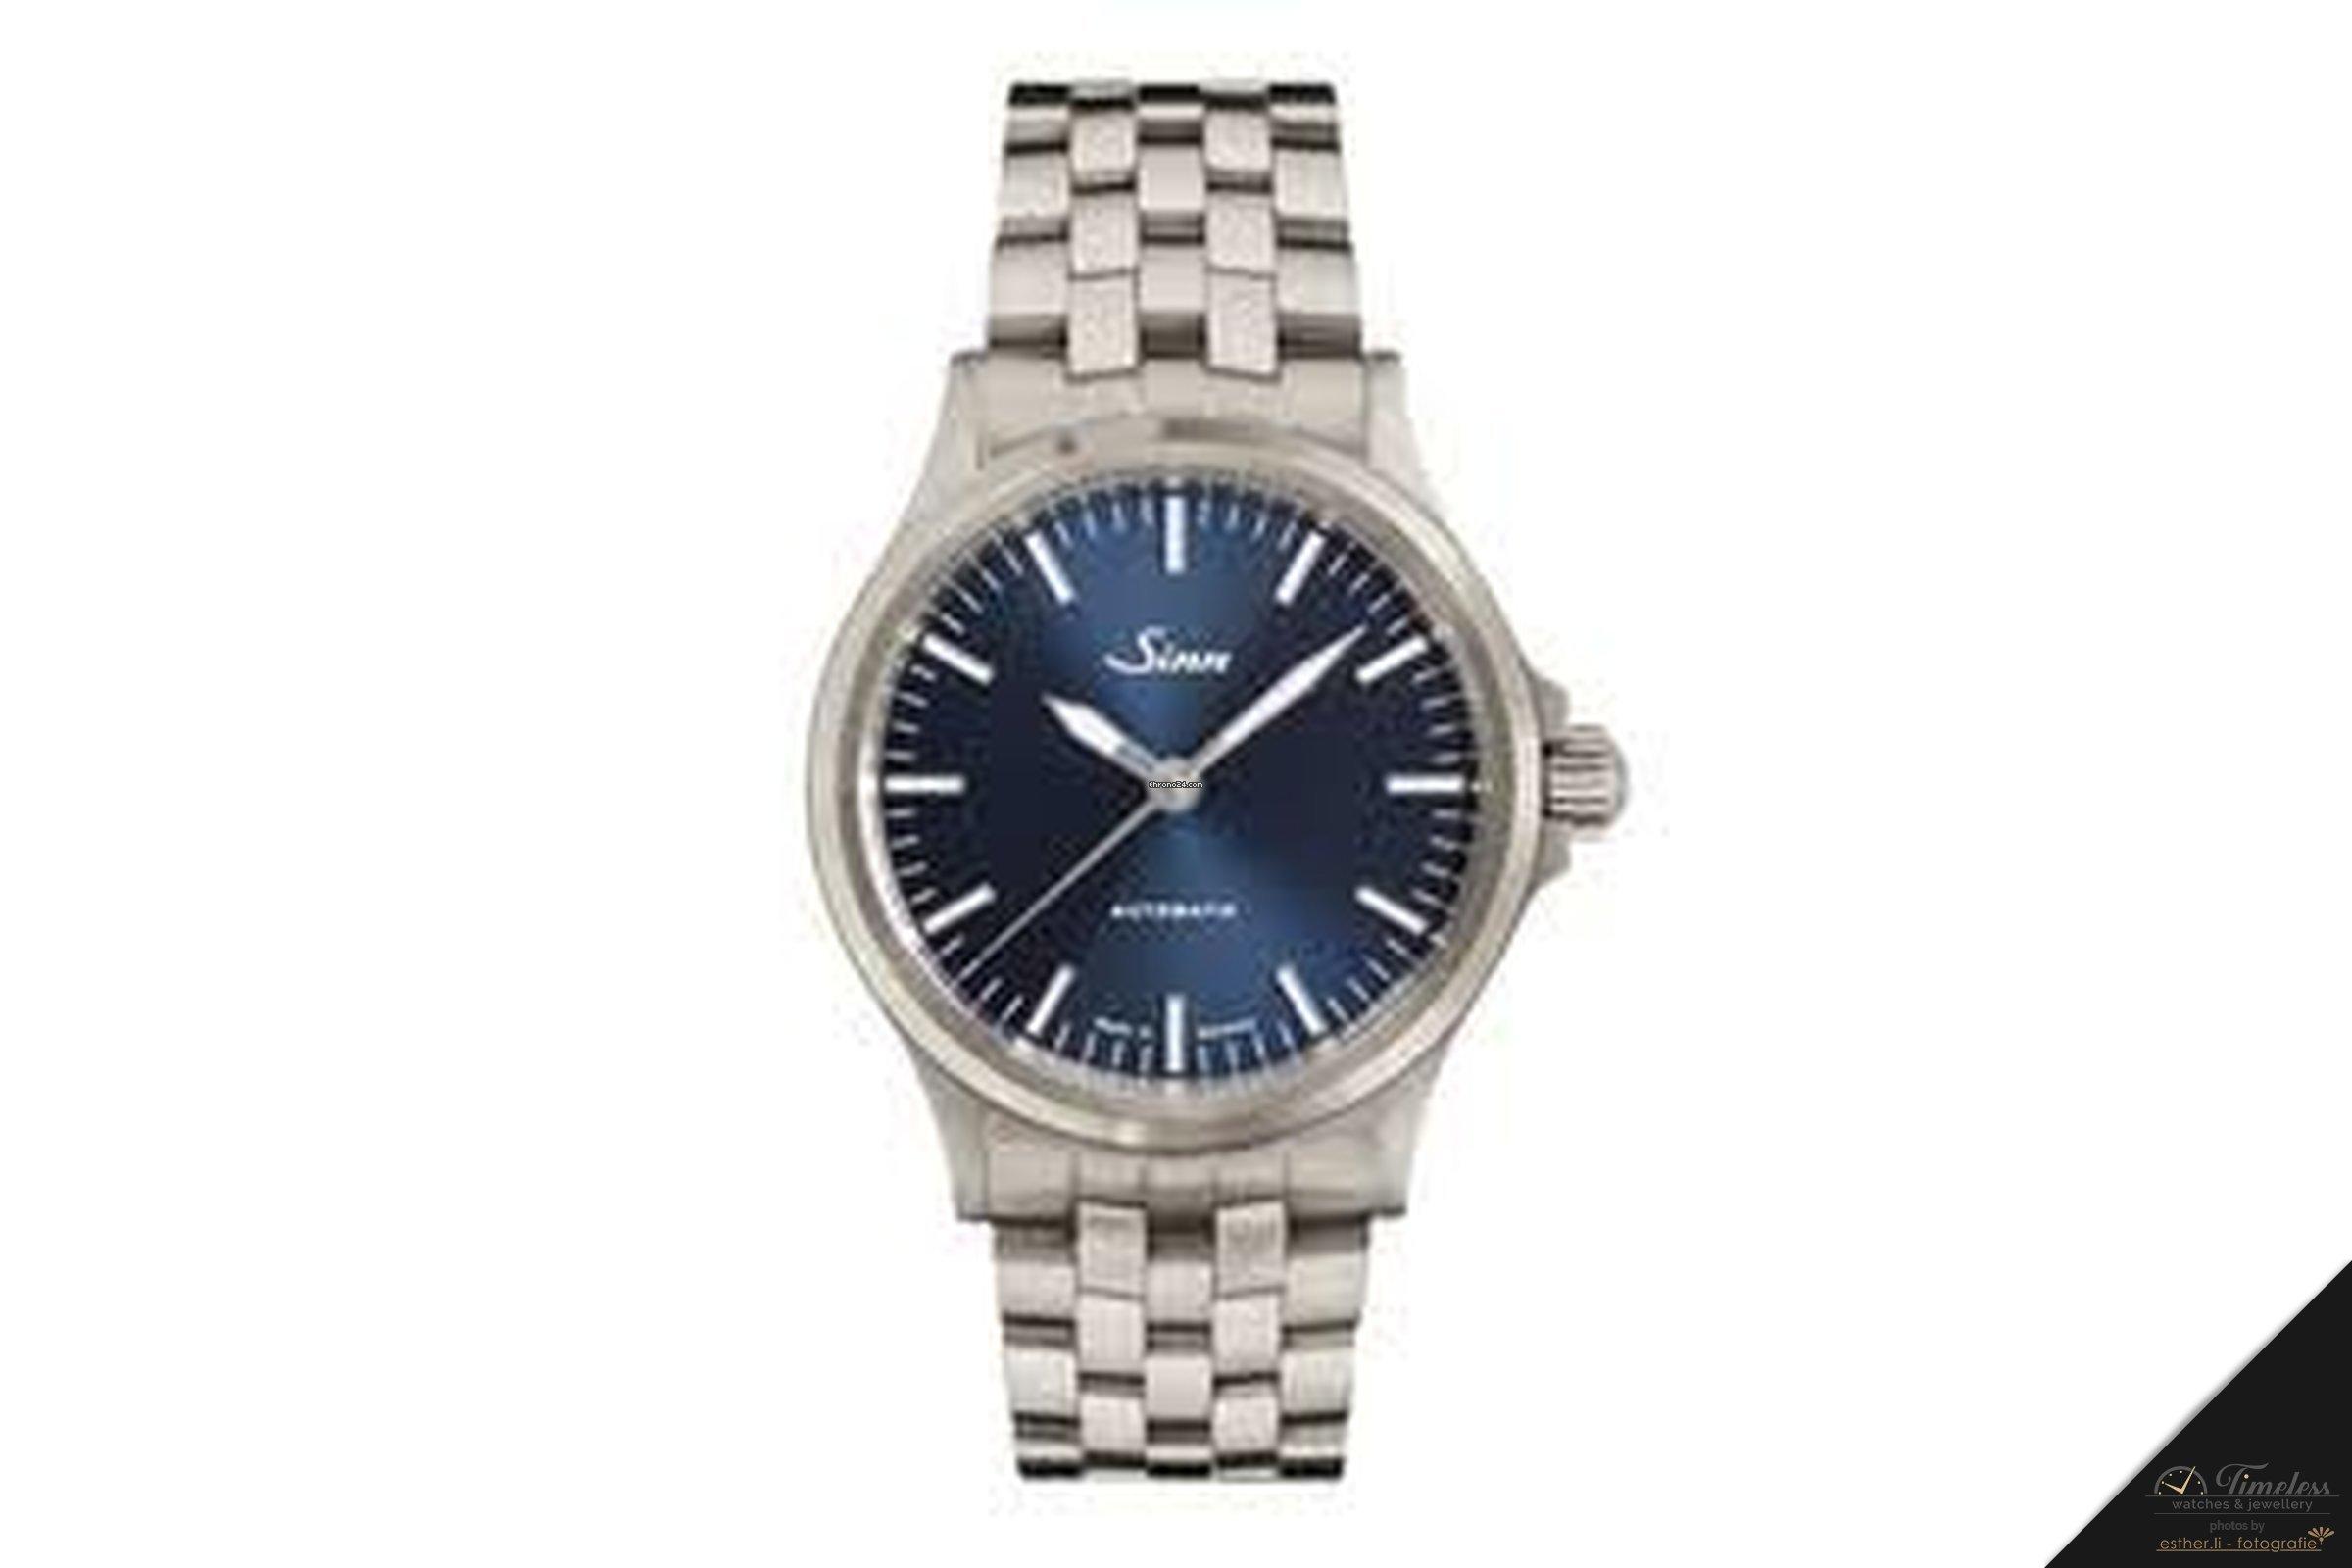 Sinn 556 I B Sporty Elegant Watch With Bracelet New